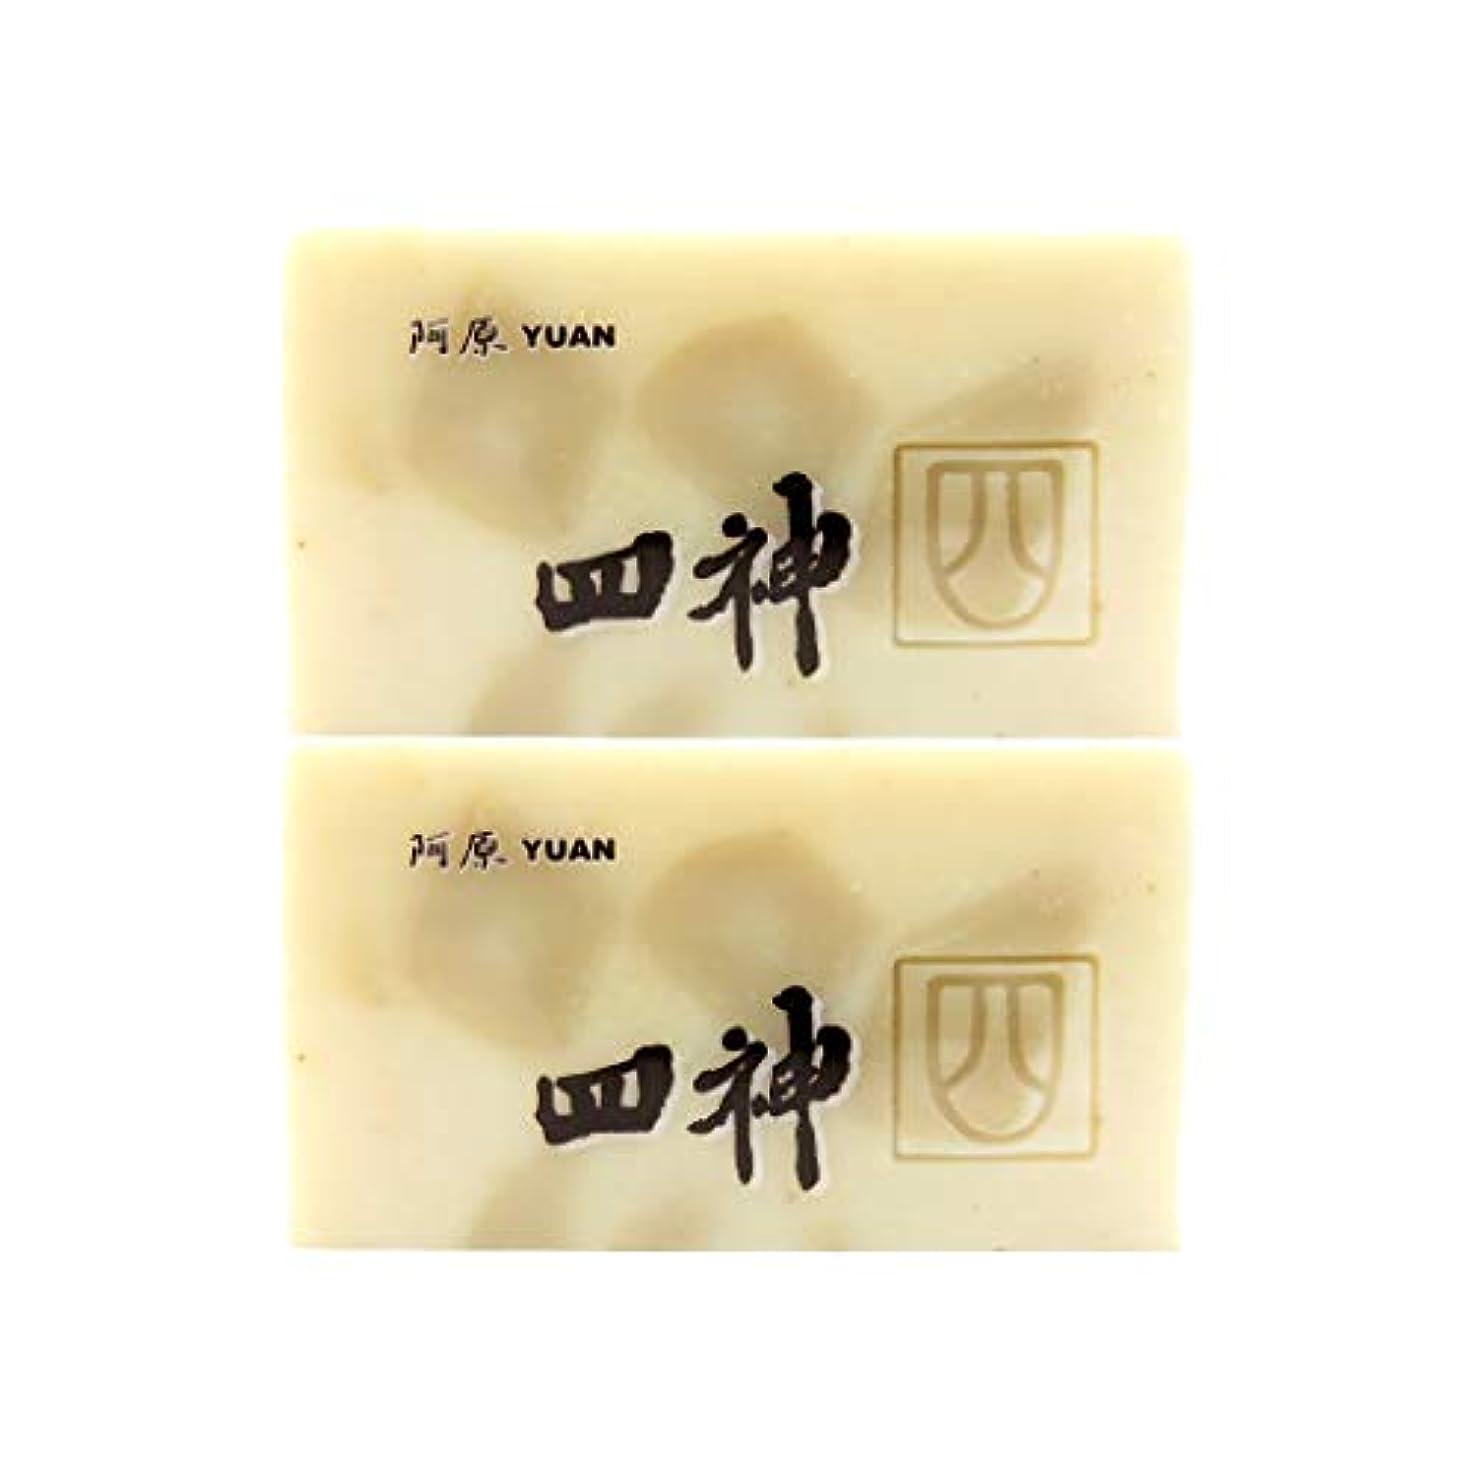 どこフレッシュ誘うユアン(YUAN) 四神ソープ 100g (2個セット)